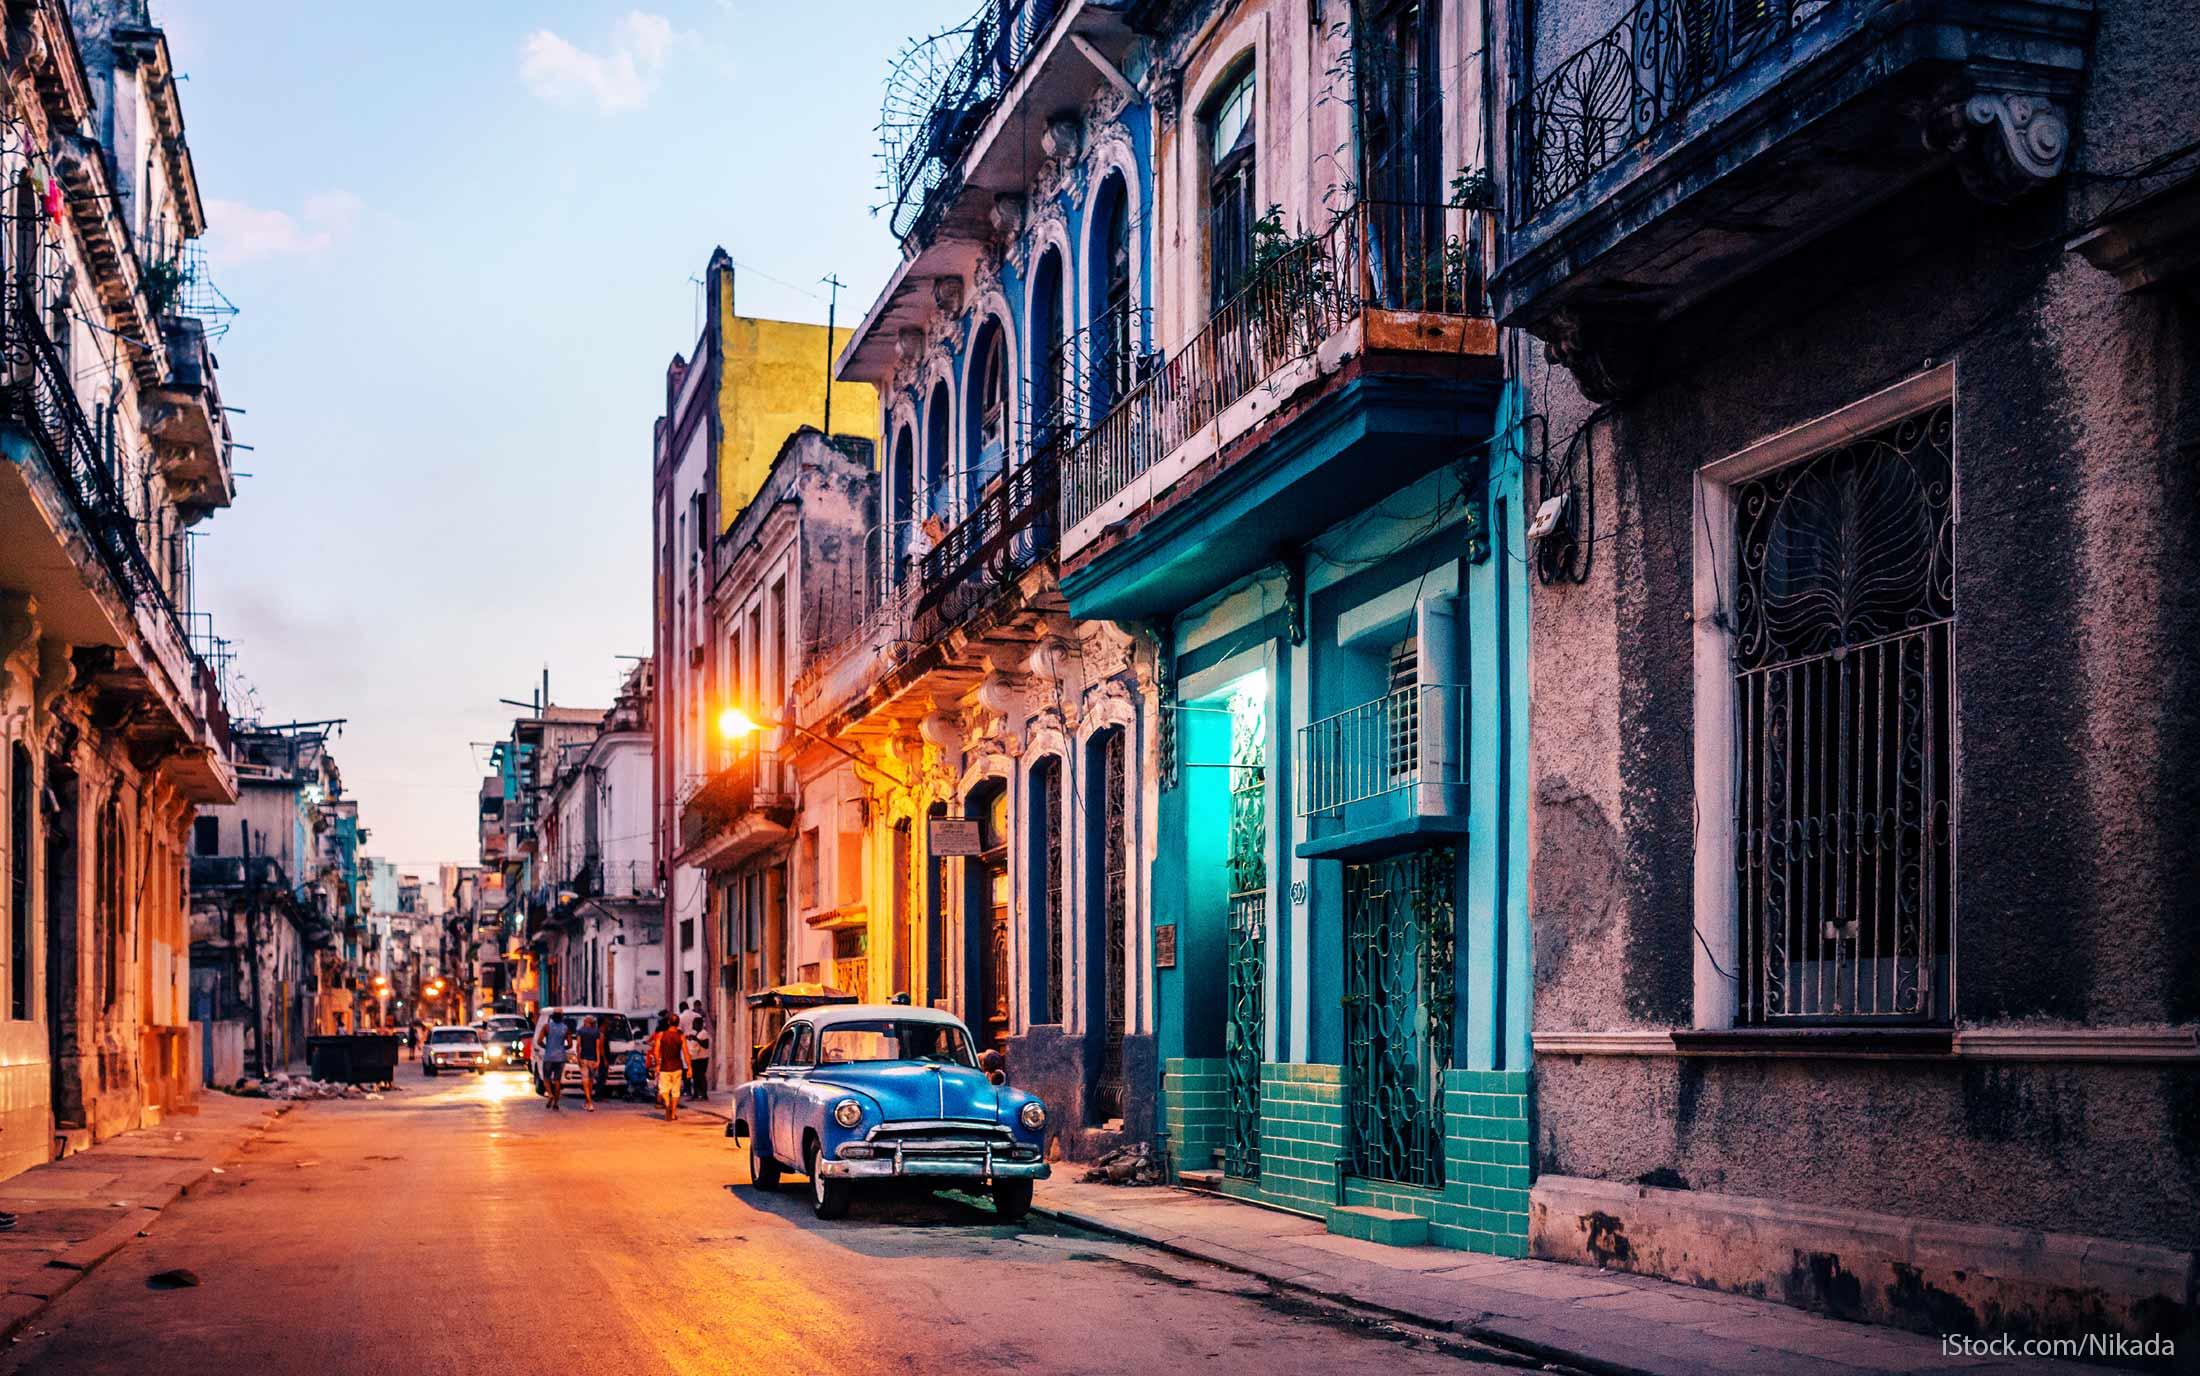 Cuba prevé alcanzar un crecimiento económico del 2% en 2018, gracias al impulso del turismo